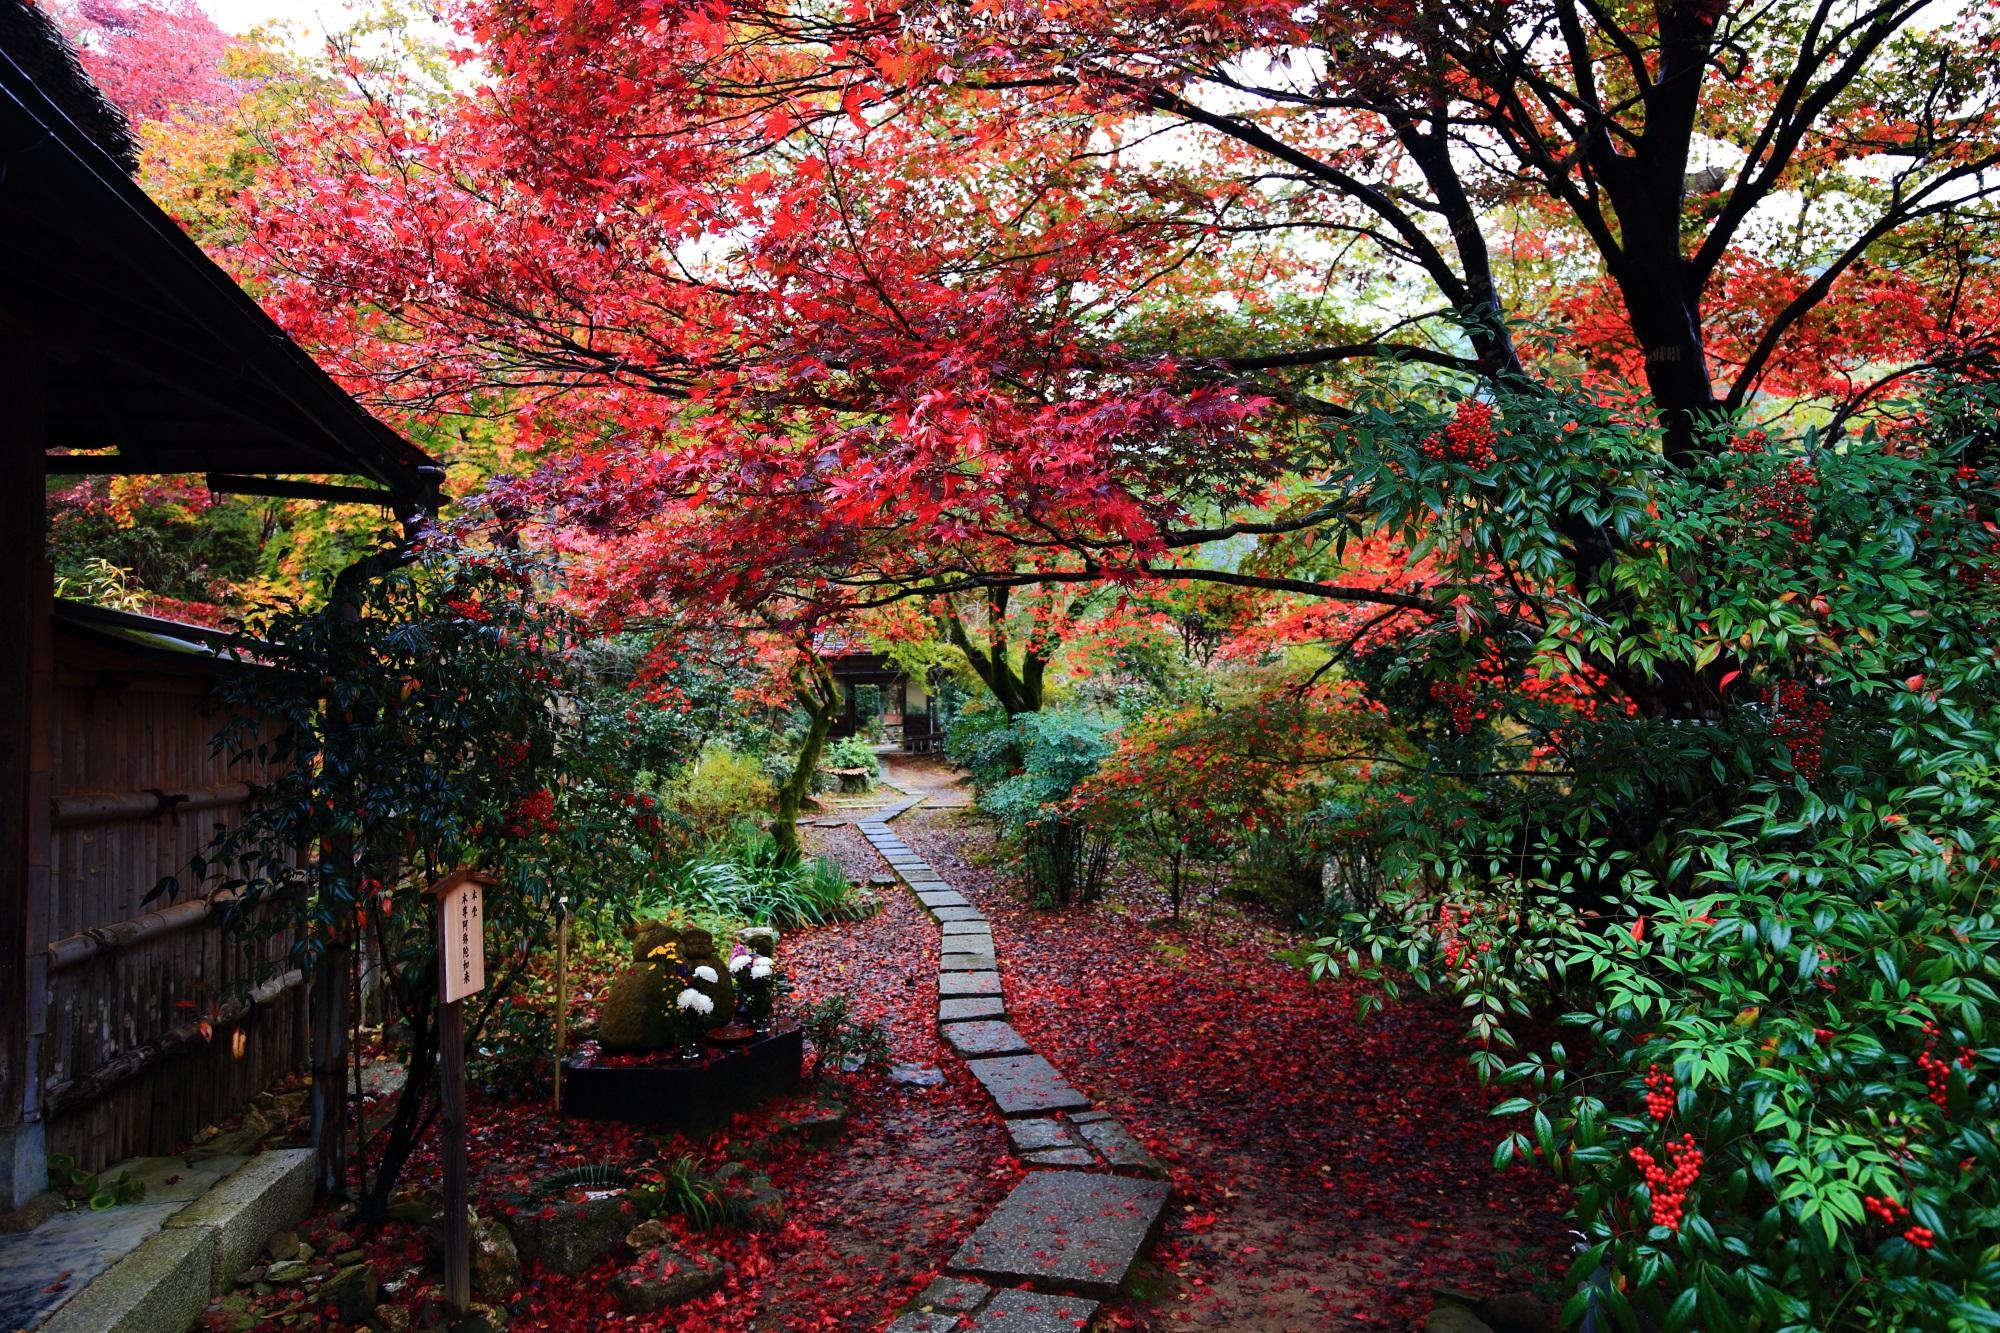 見事な赤い紅葉と散りもみじに染まった直指庵